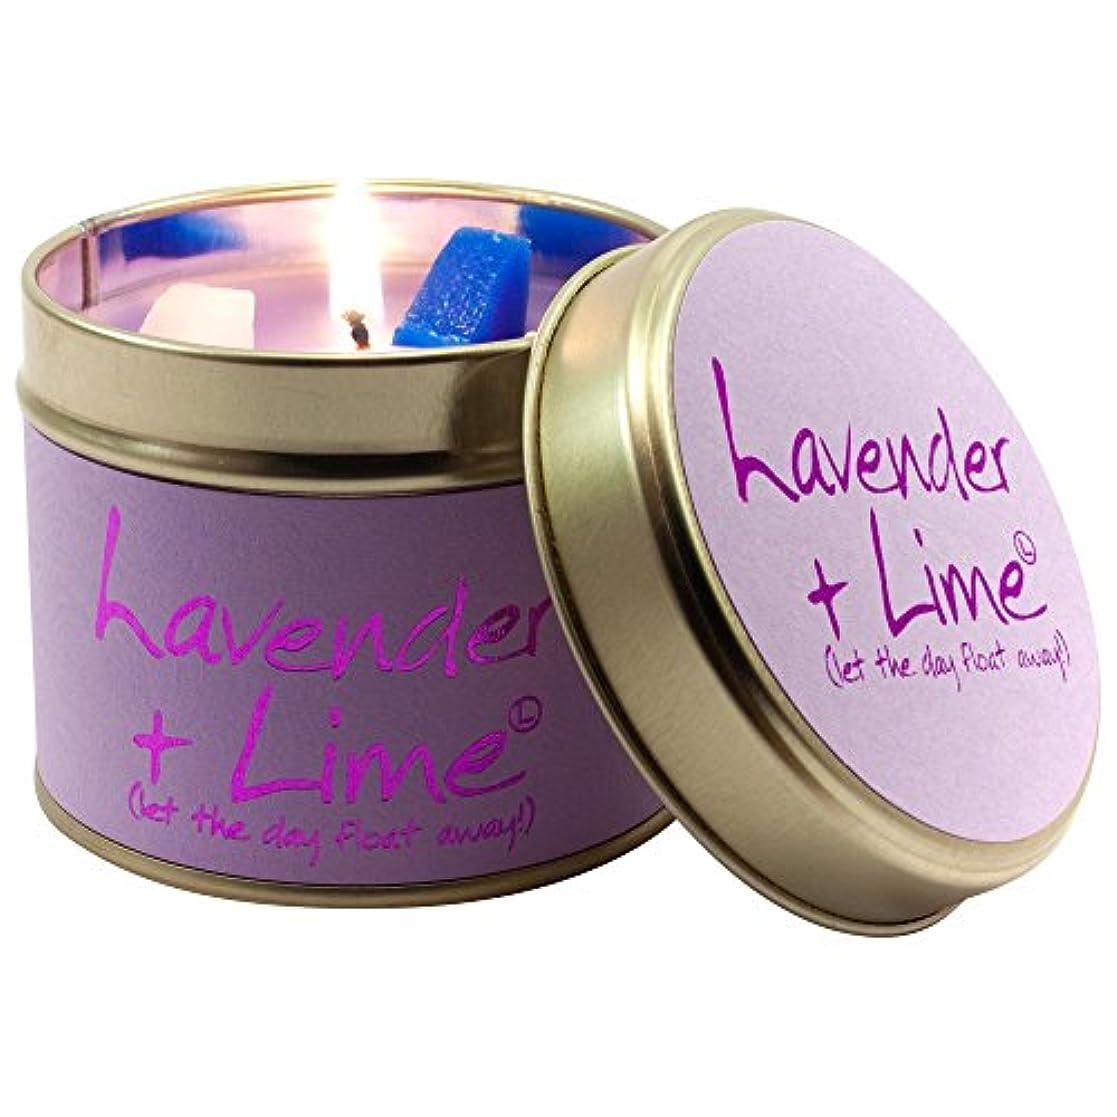 許される台無しに近似ユリ炎ラベンダー、ライムの香りのキャンドルジャー (Lily-Flame) - Lily-Flame Lavender and Lime Scented Candle Jar [並行輸入品]